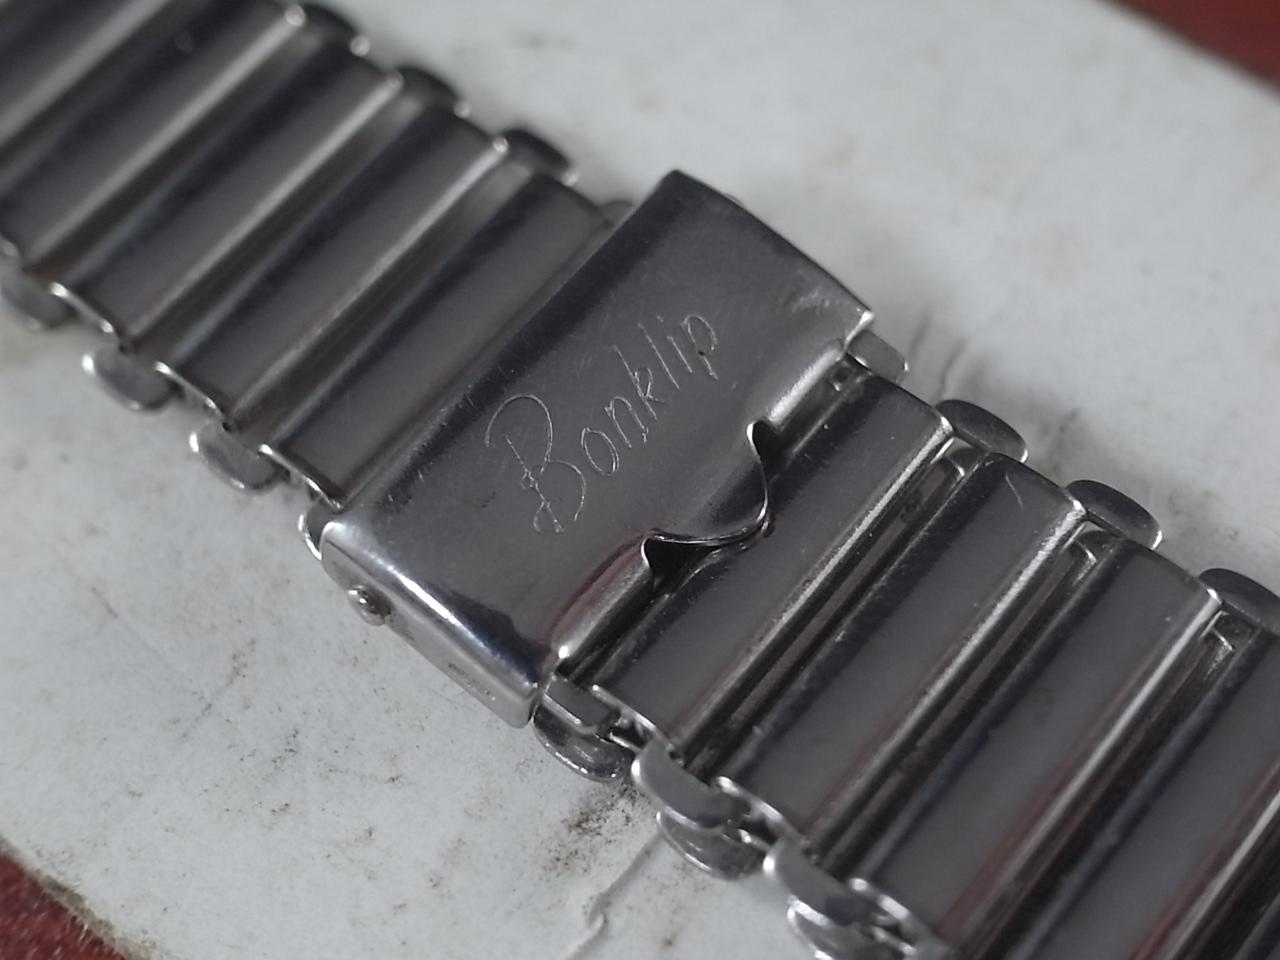 ボンクリップ バンブーブレス 筆記体ロゴ 未使用 N.O.S. 13mmタイプ 16mmの写真2枚目